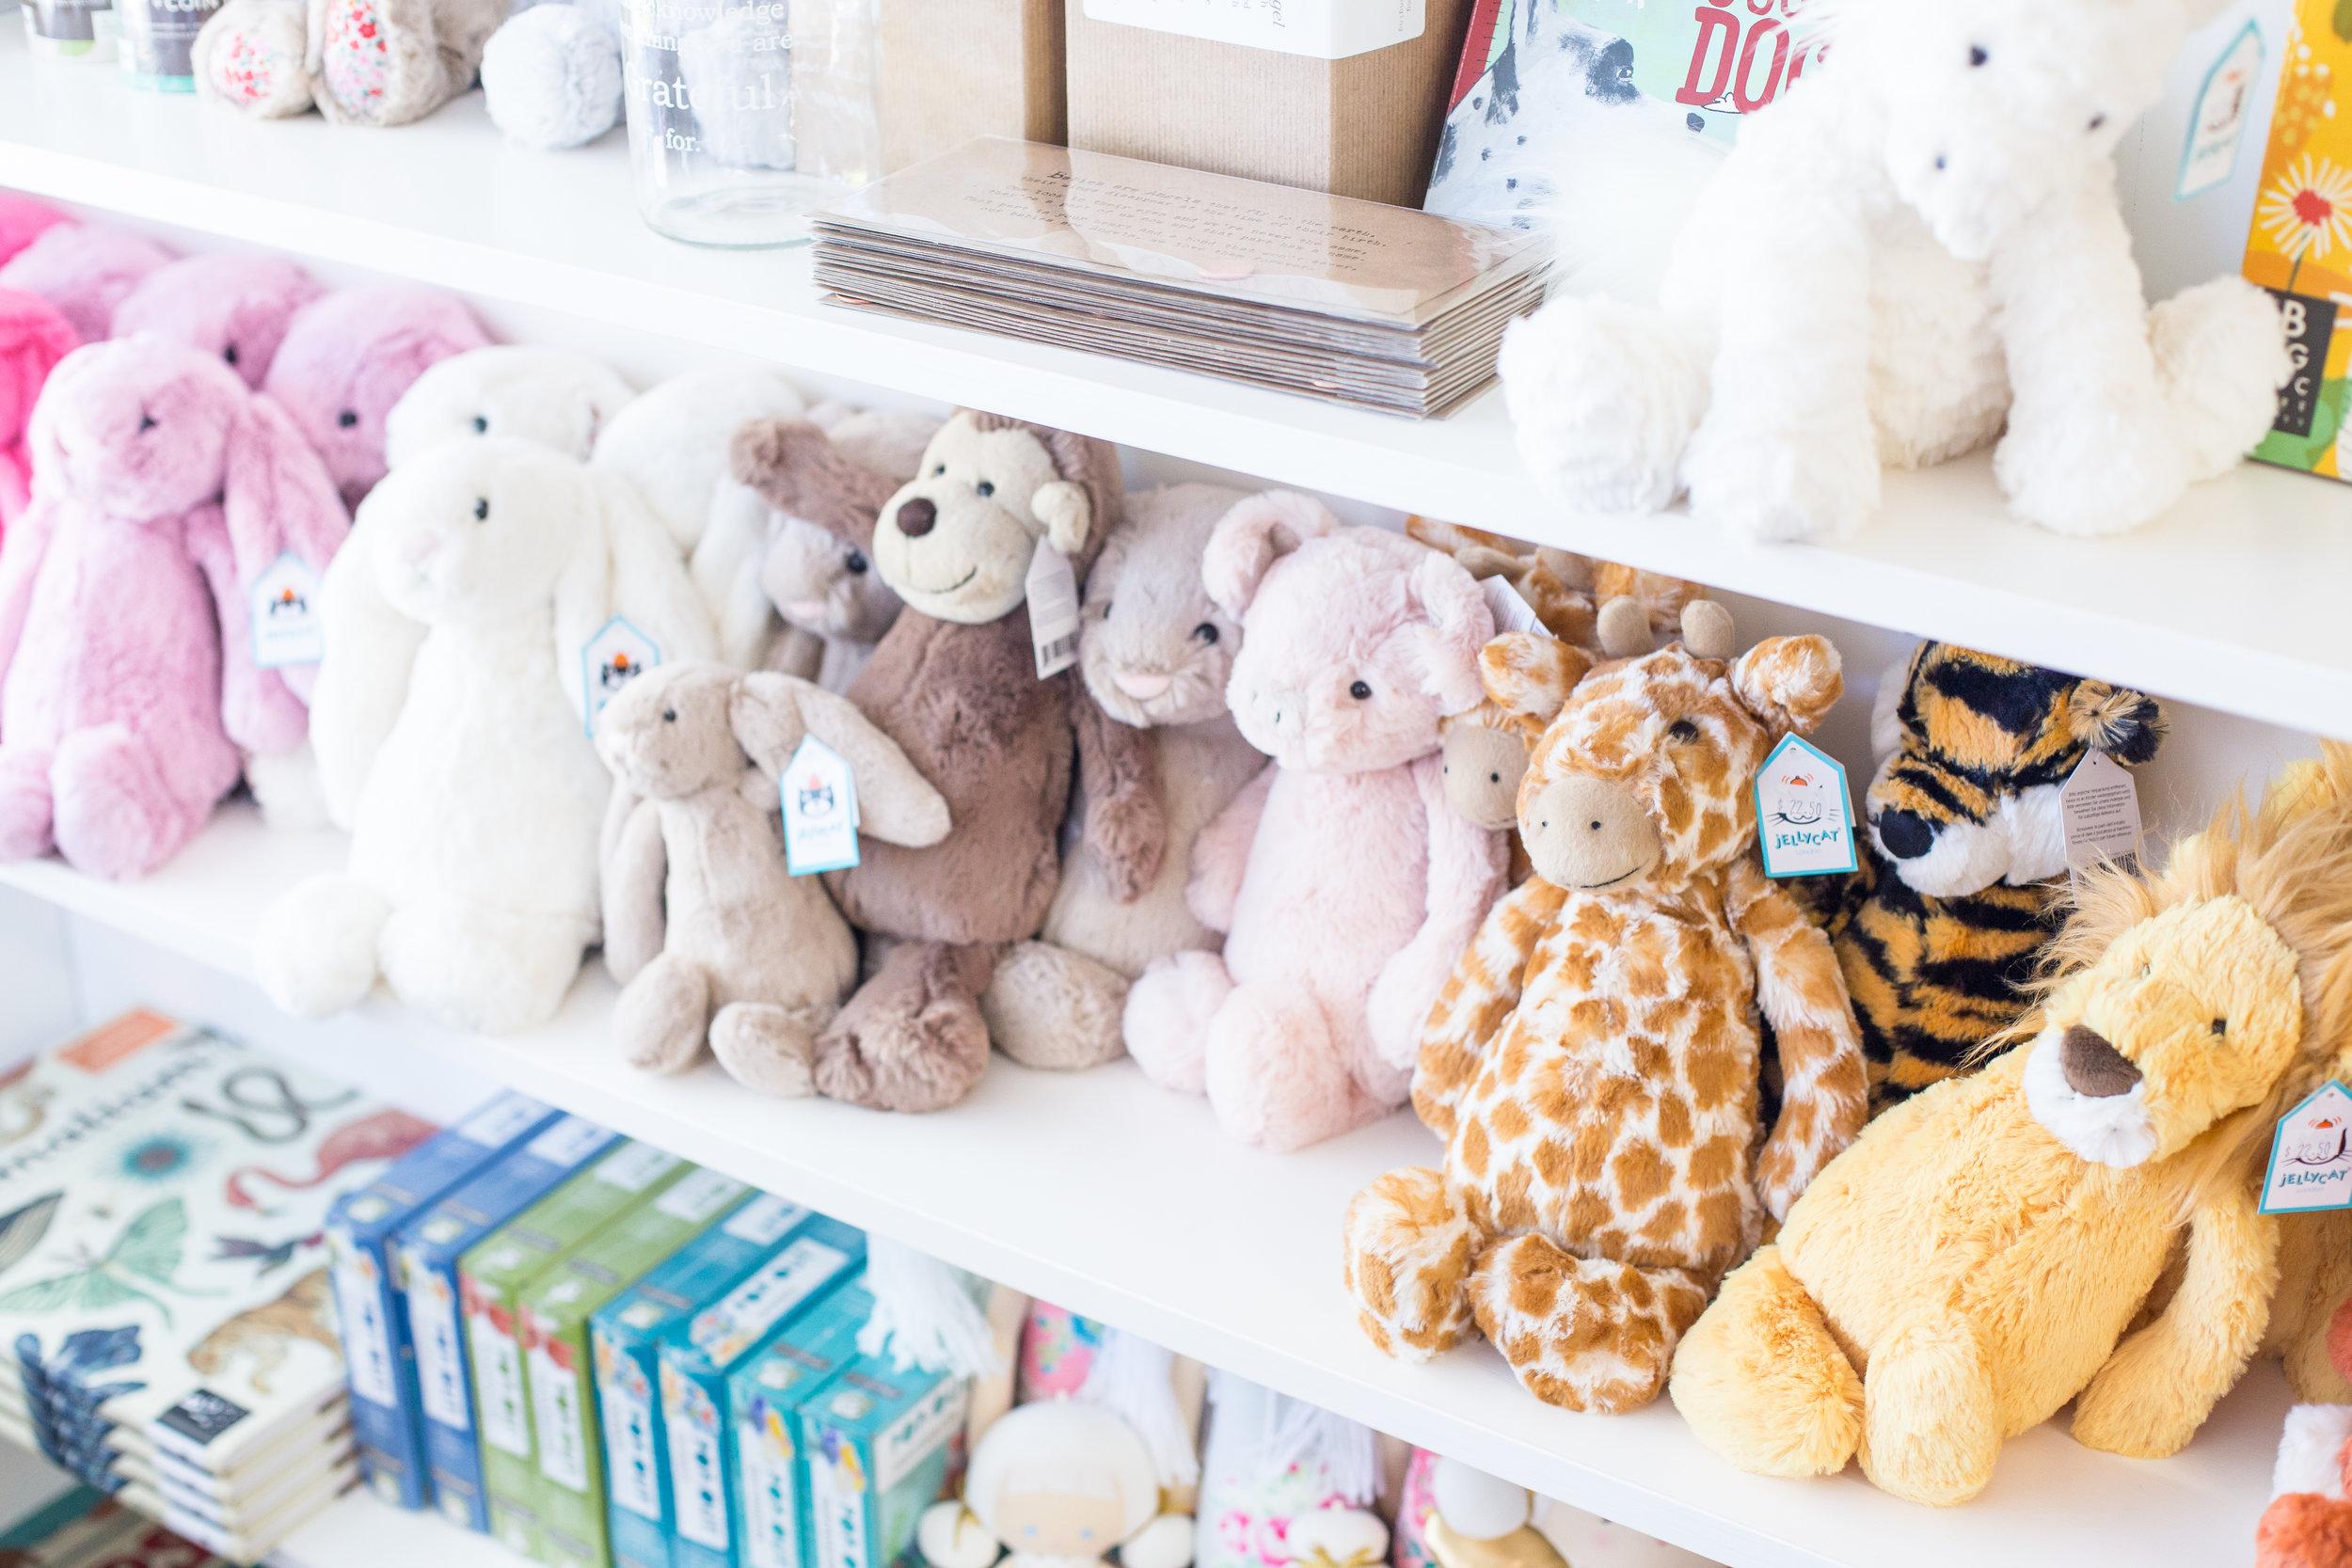 Plush toys, children's books